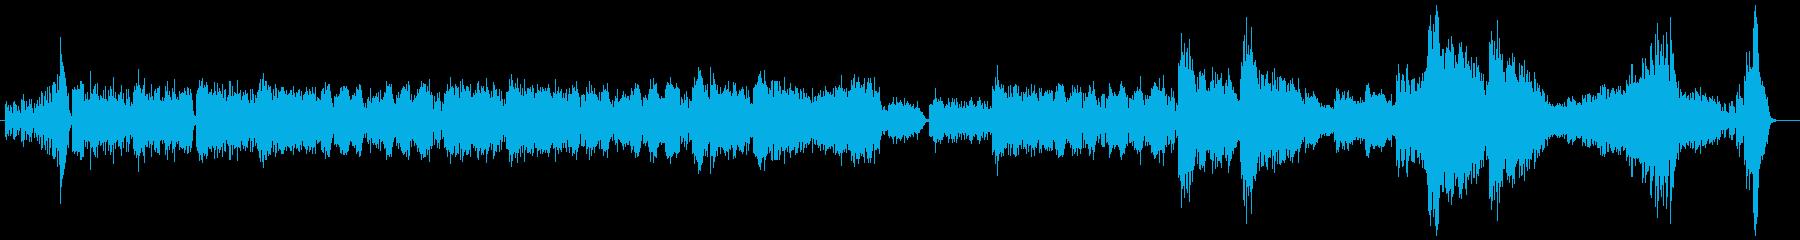 ワルツ 第1番 ピアノソロ版の再生済みの波形